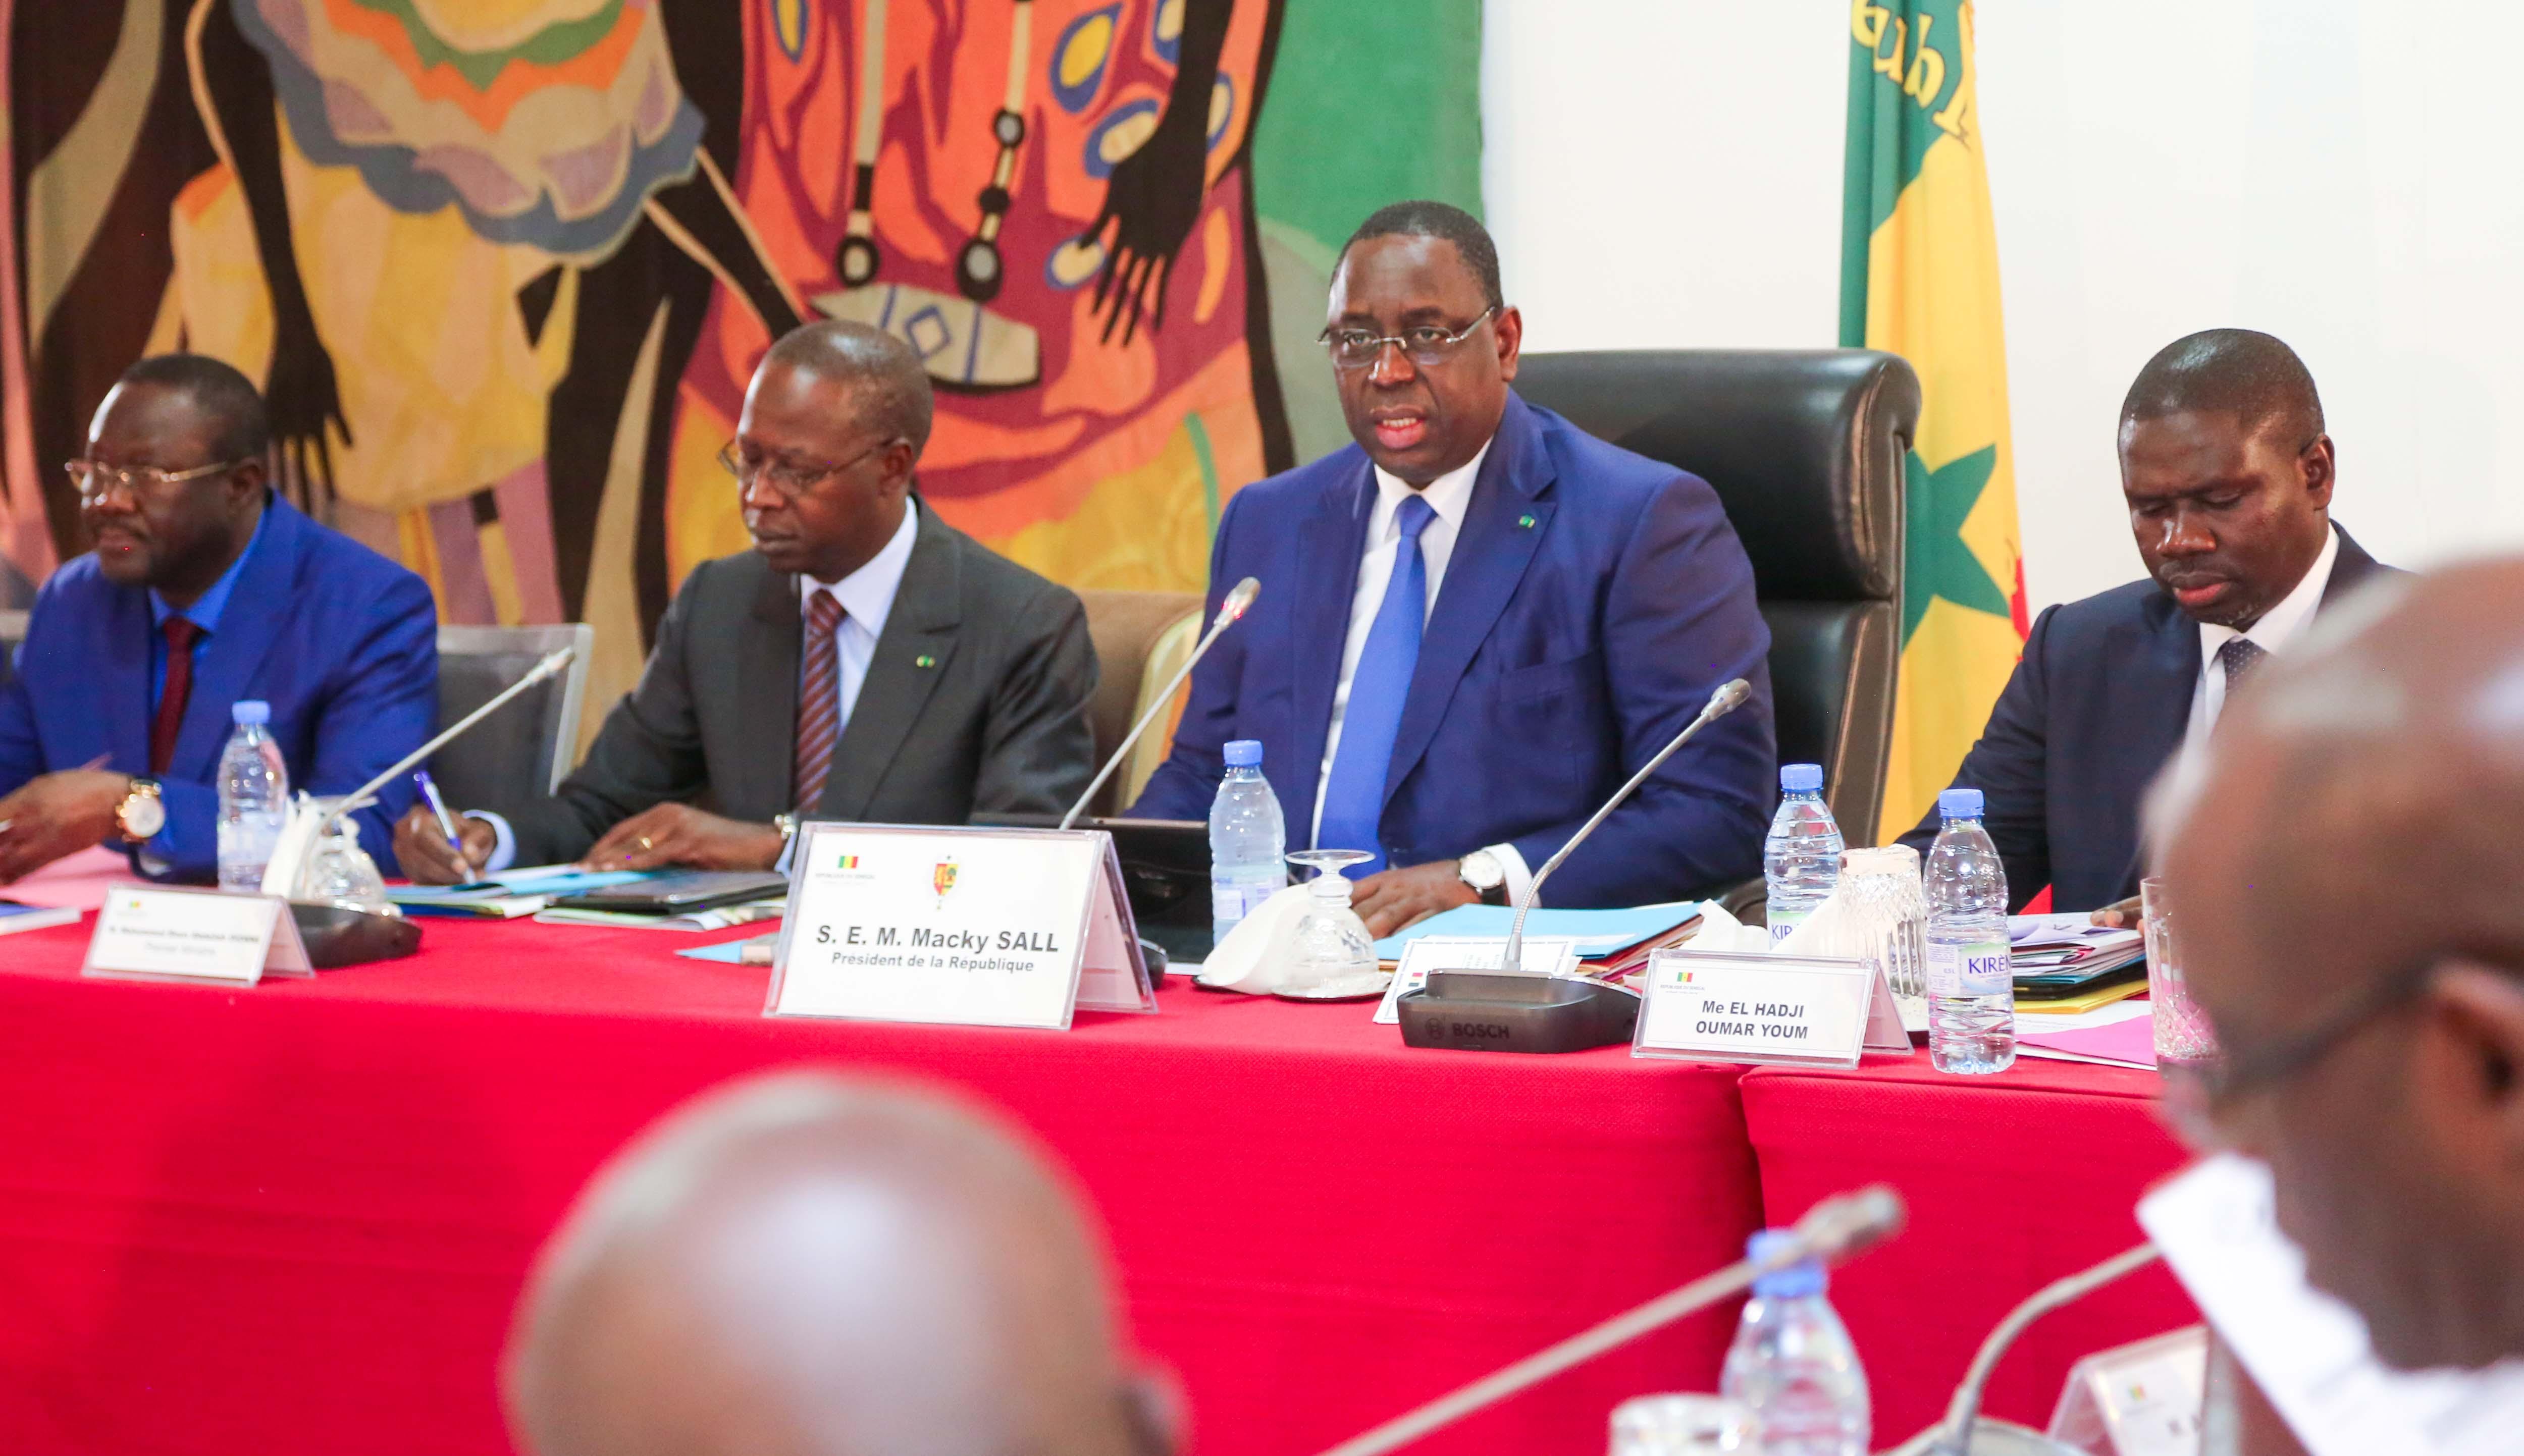 En considération de son objectif,  l'Etat doit revoir la rédaction du communiqué du Conseil des ministres